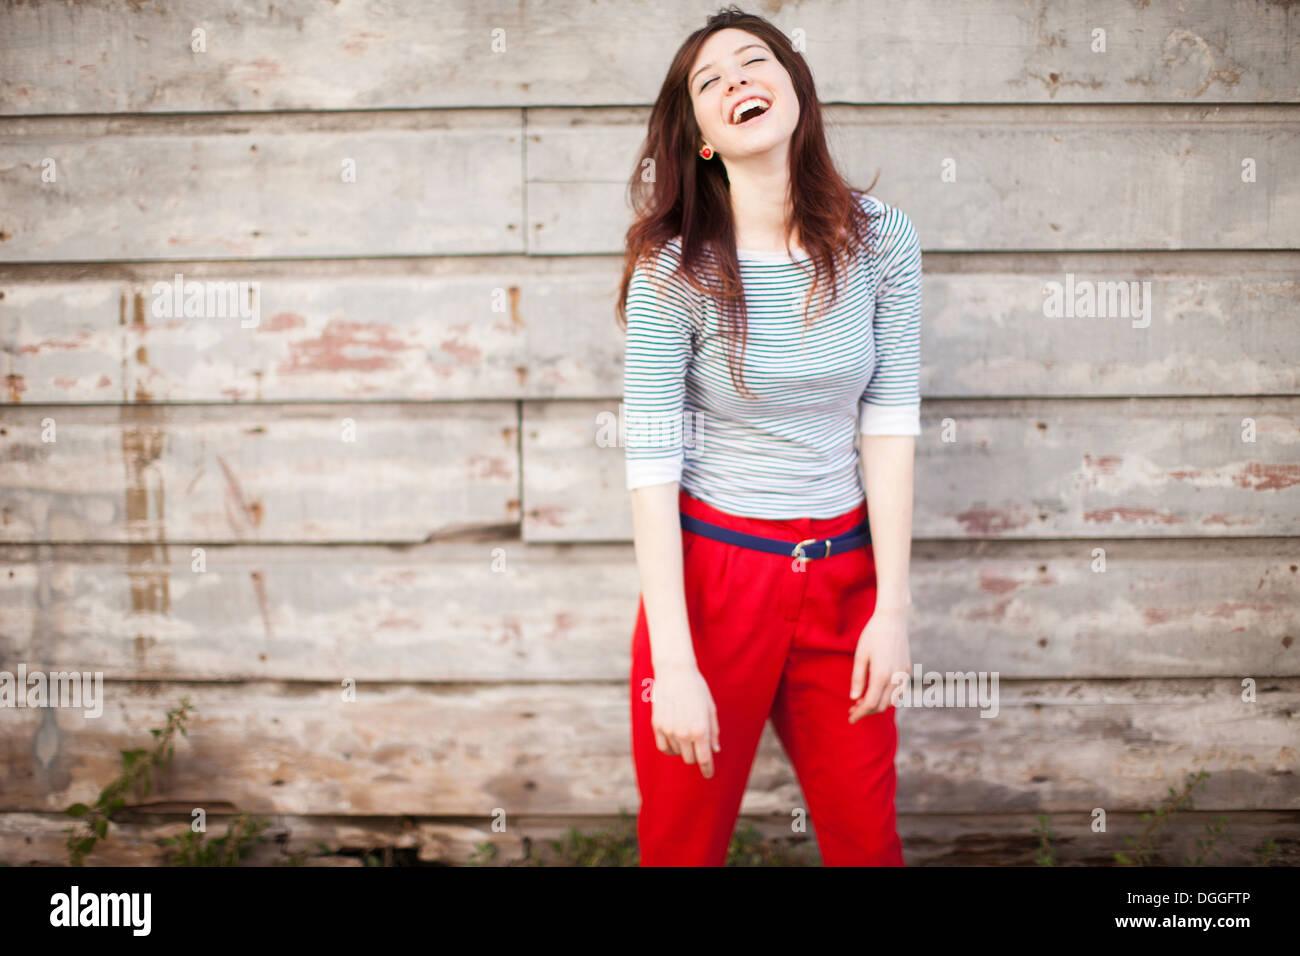 Porträt der jungen Frau, lachen Stockbild